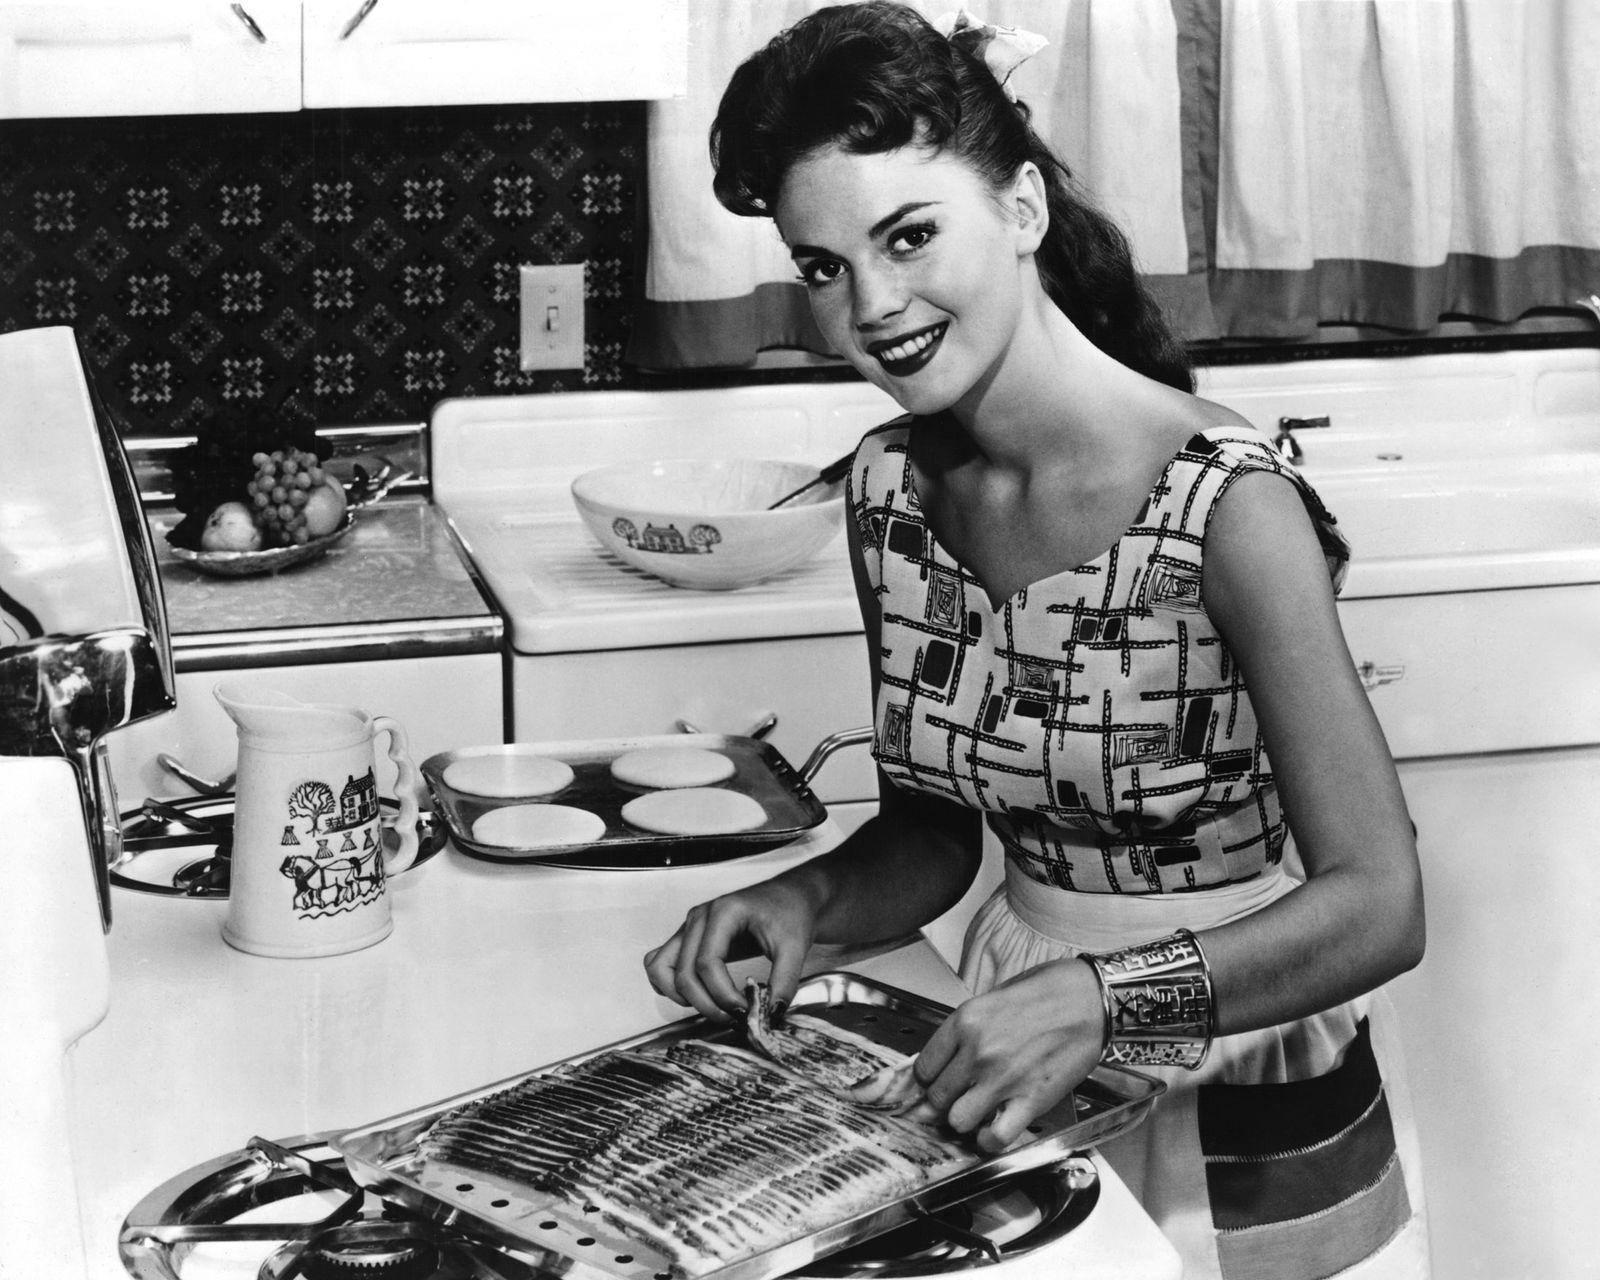 Henkersmahlzeit - Natalie Wood Cooks Breakfast Food